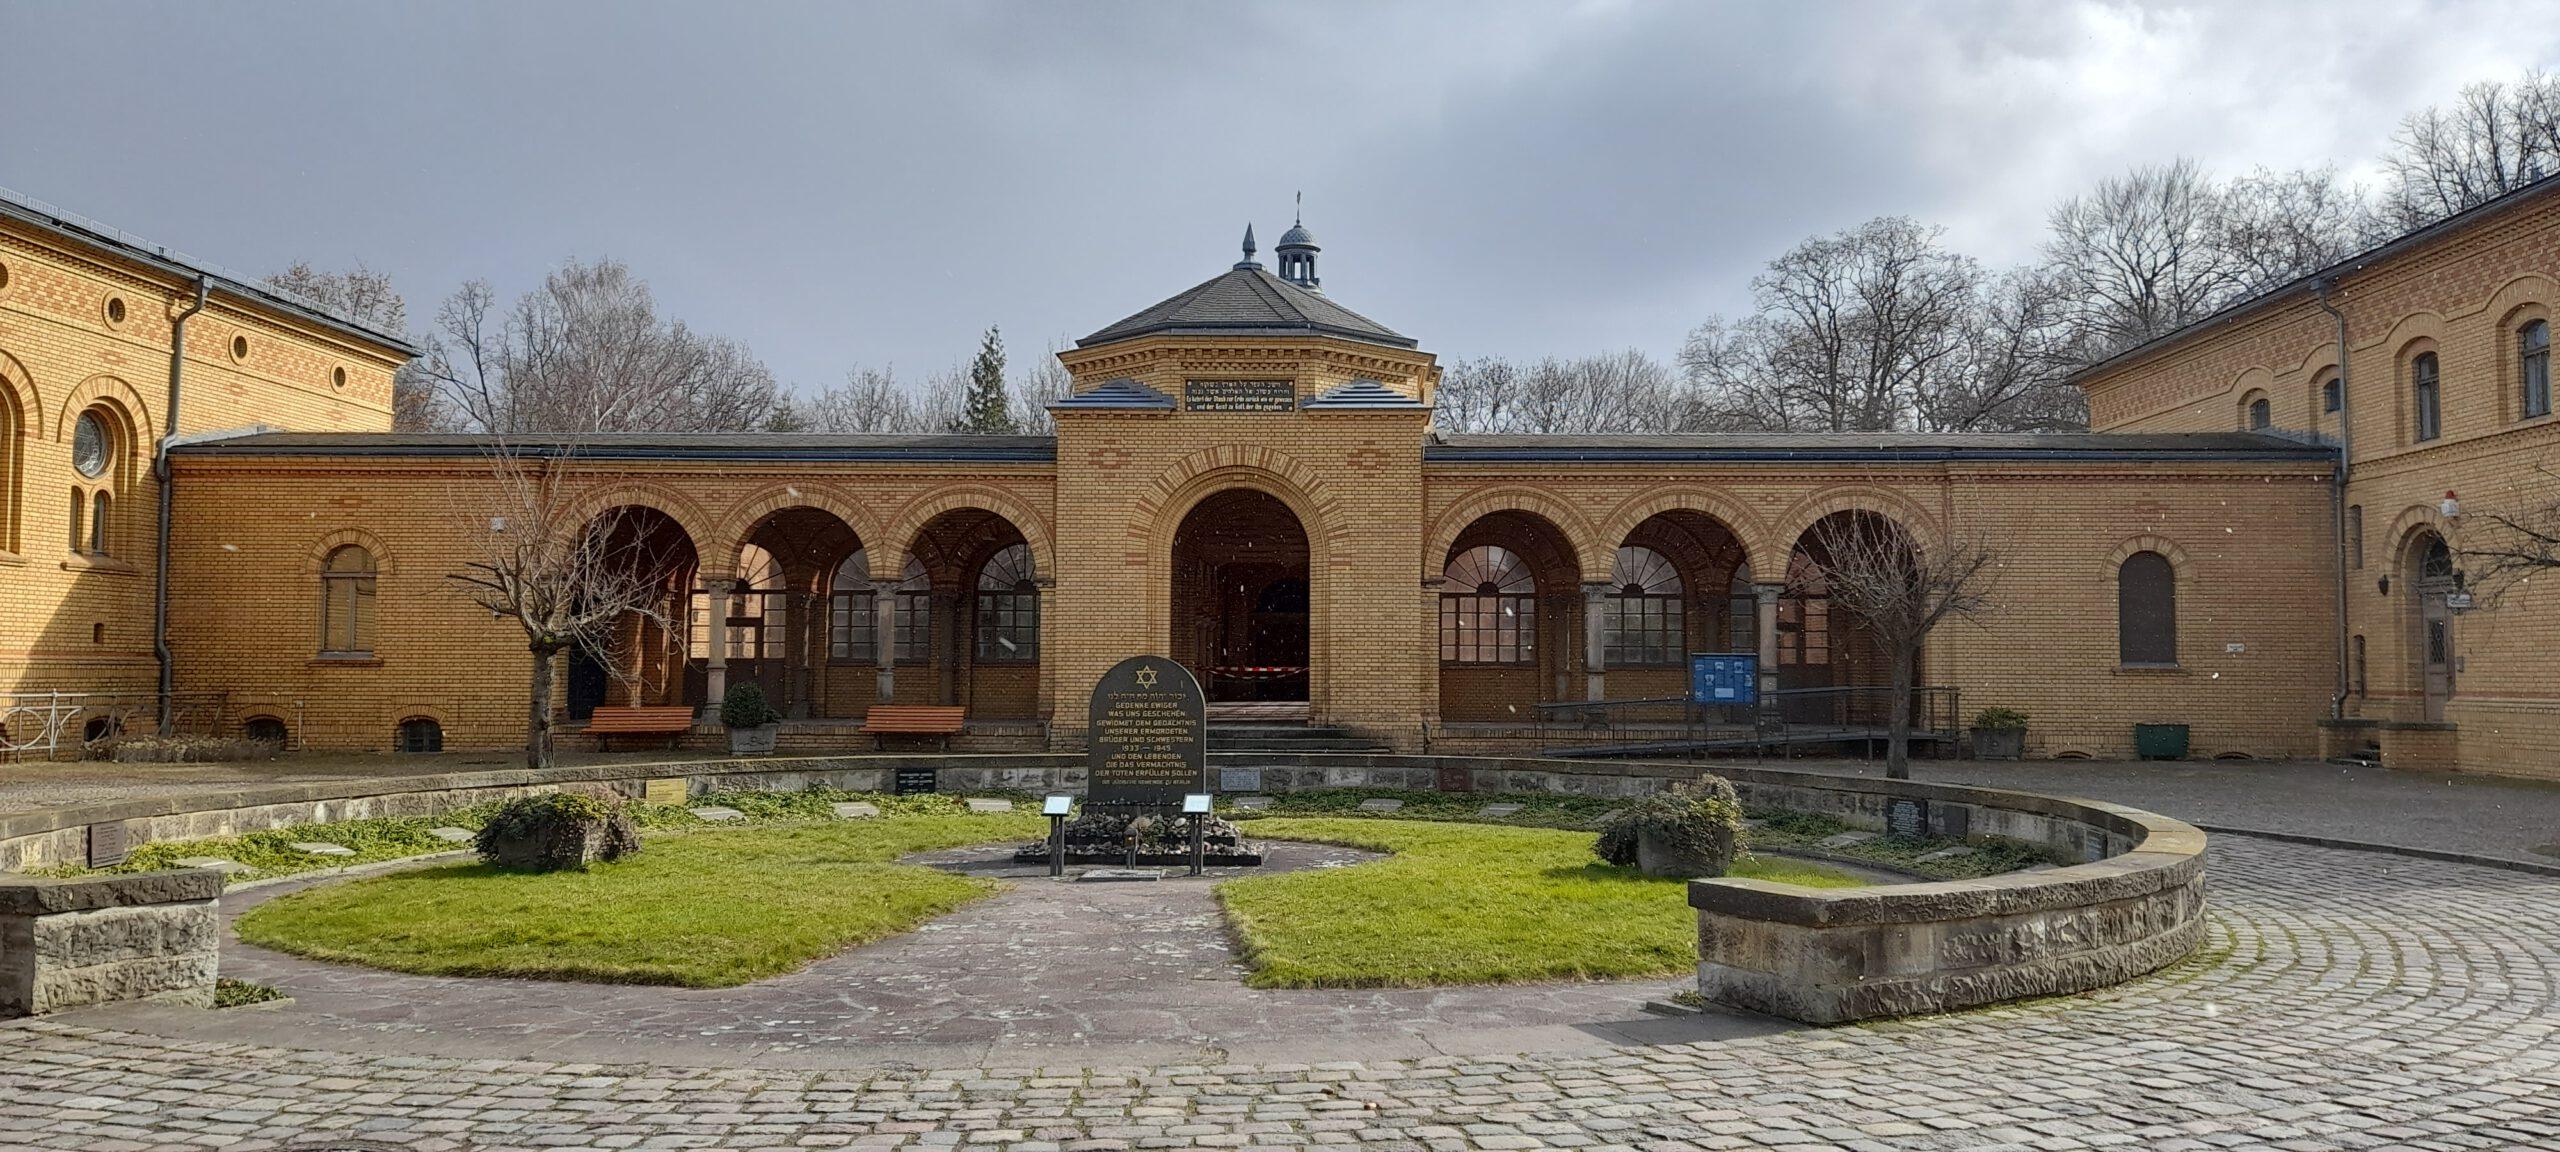 Weißensee-Spaziergang - Widerstand gegen Diskriminierung-Jüdischer Friedhof - © Uta Popkes